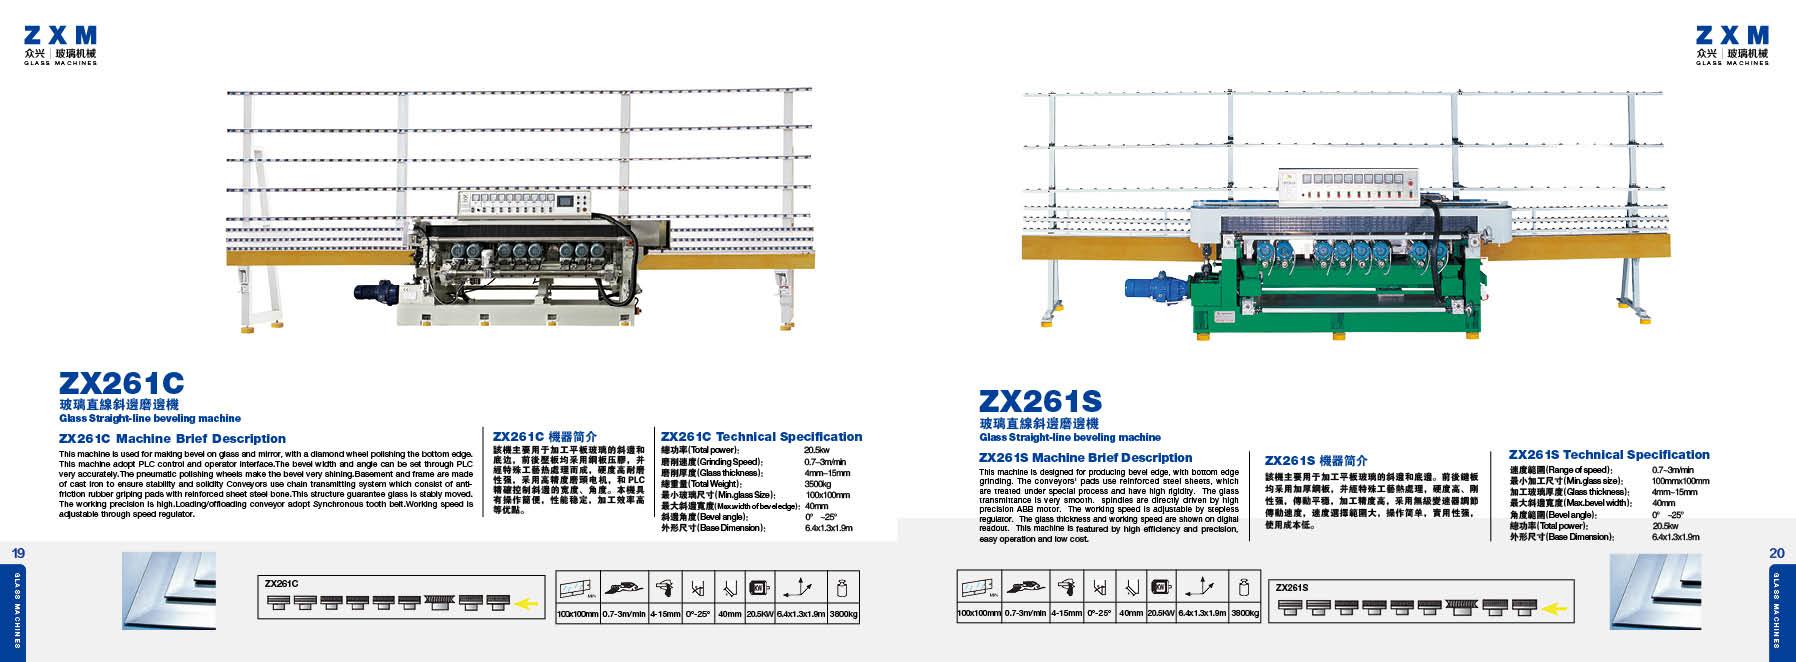 Maszyny szklarskie ZXM 13